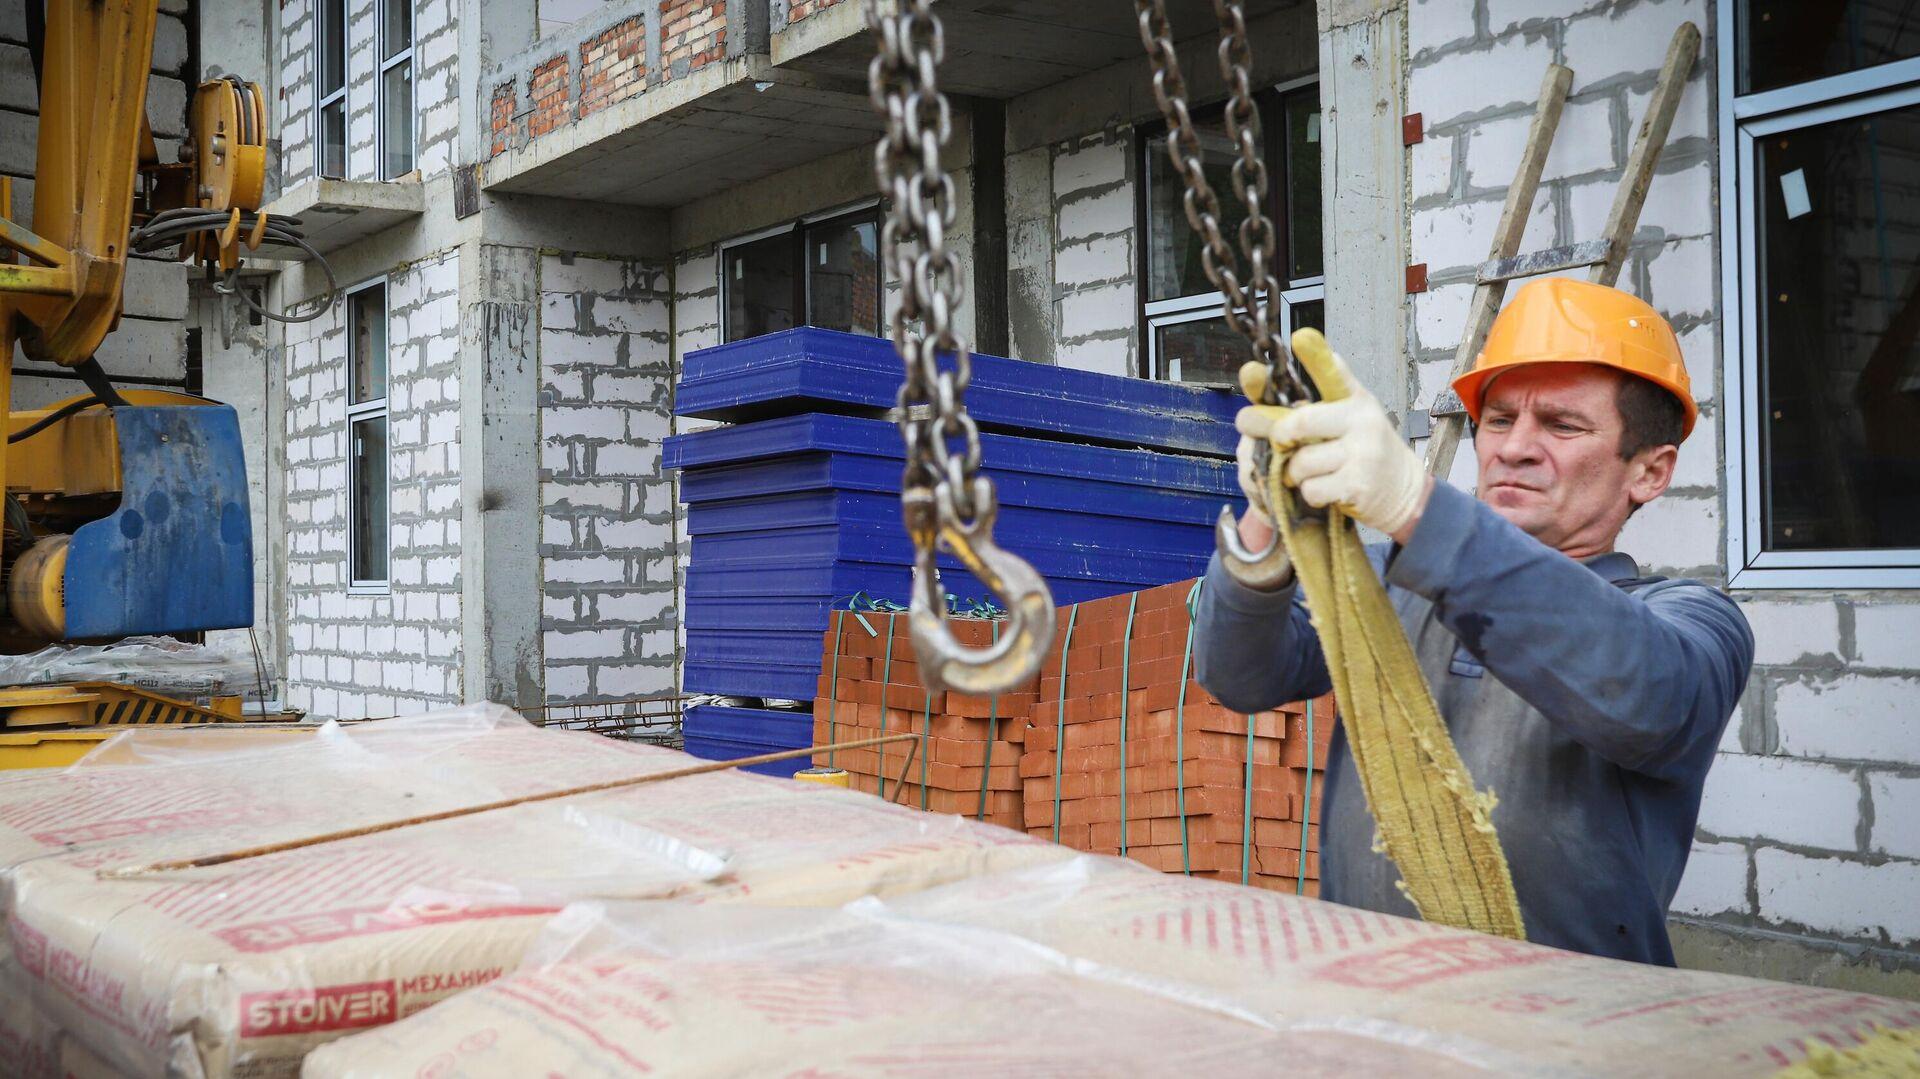 Рабочий во время строительства многоквартирного жилого дома - РИА Новости, 1920, 02.02.2021